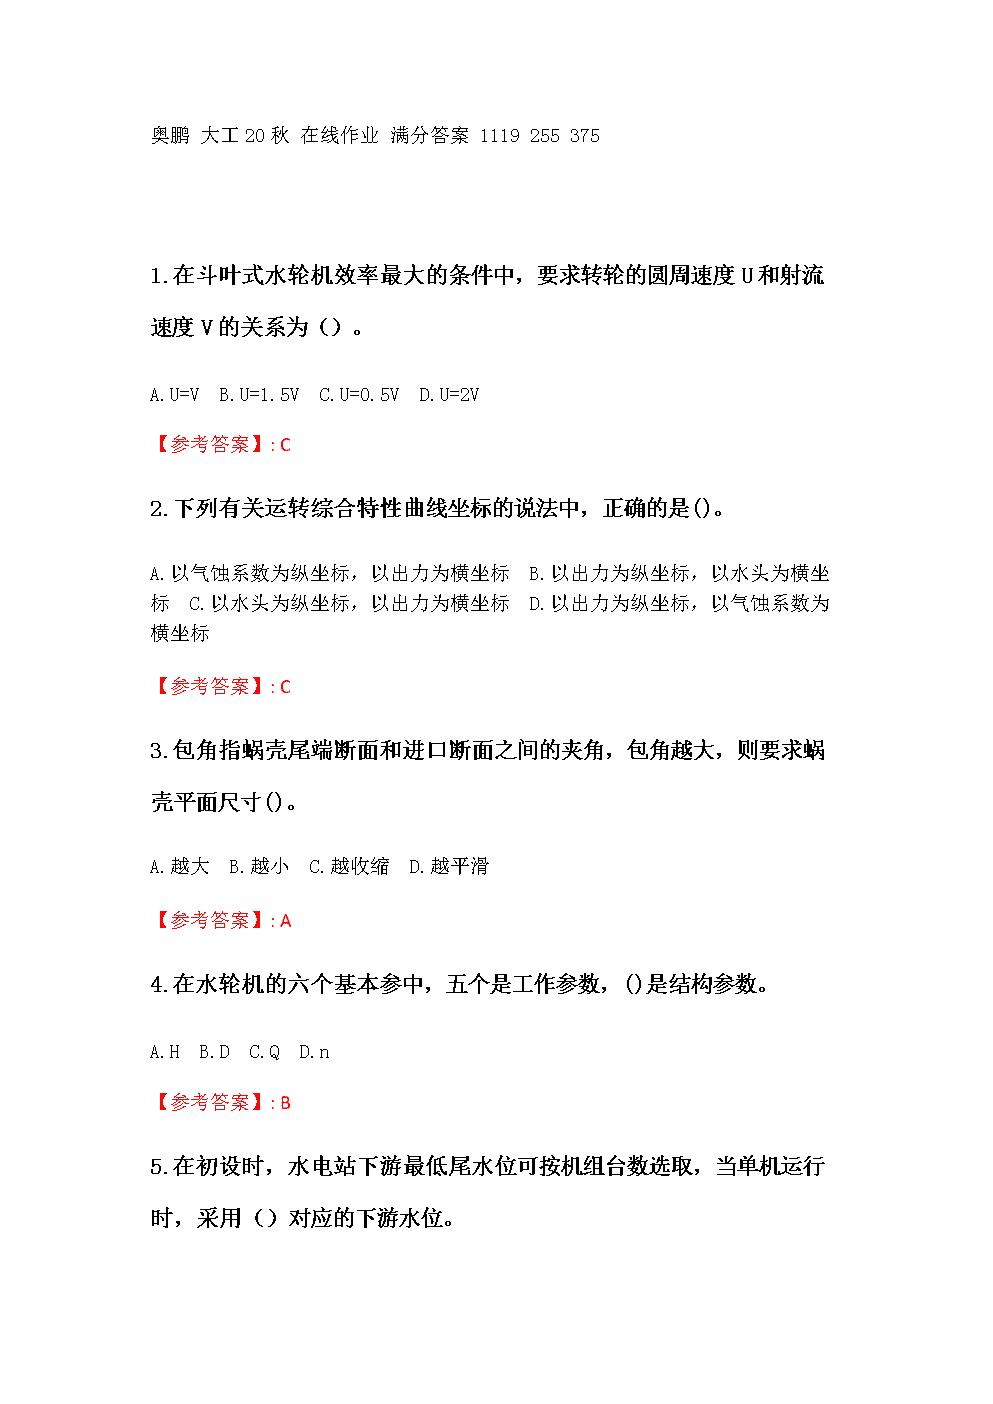 奥鹏 大工20秋《水电站建筑物》在线测试1 满分答案.doc